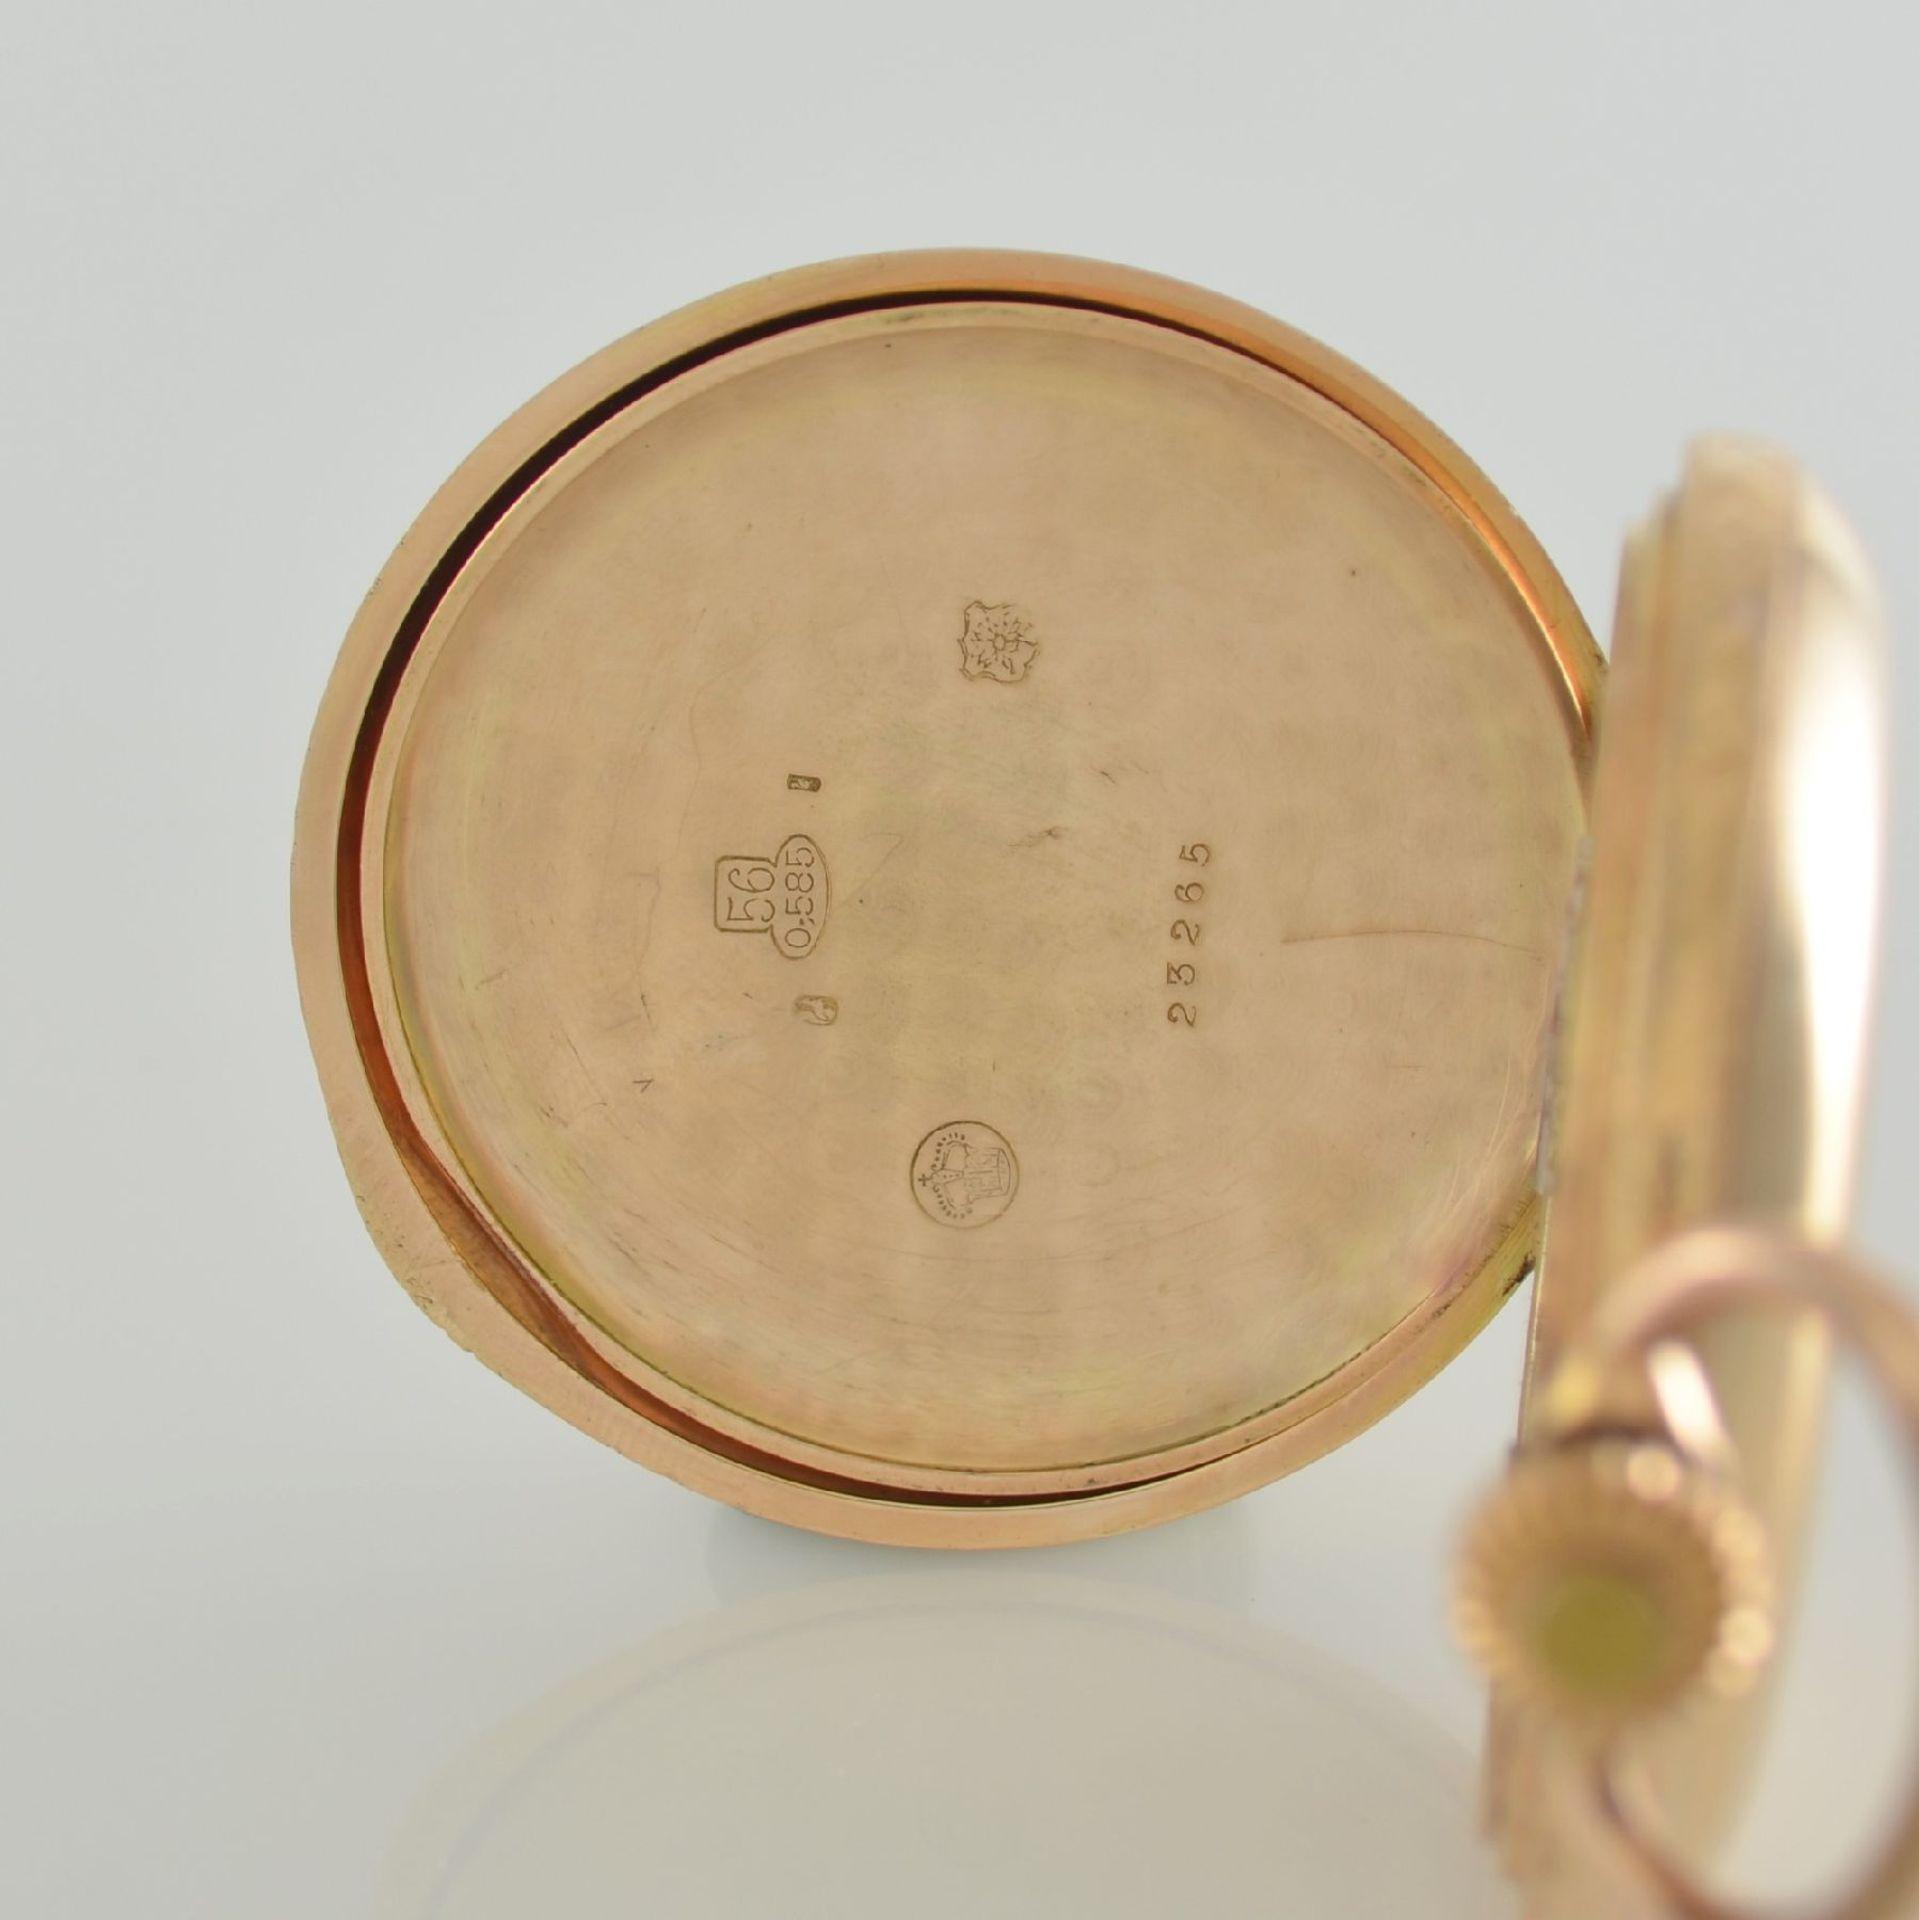 SYSTÉME GLASHÜTTE Herrensavonette in RG 585/000, Schweiz/Deutschland um 1900, glattes 3-Deckel - Bild 7 aus 8